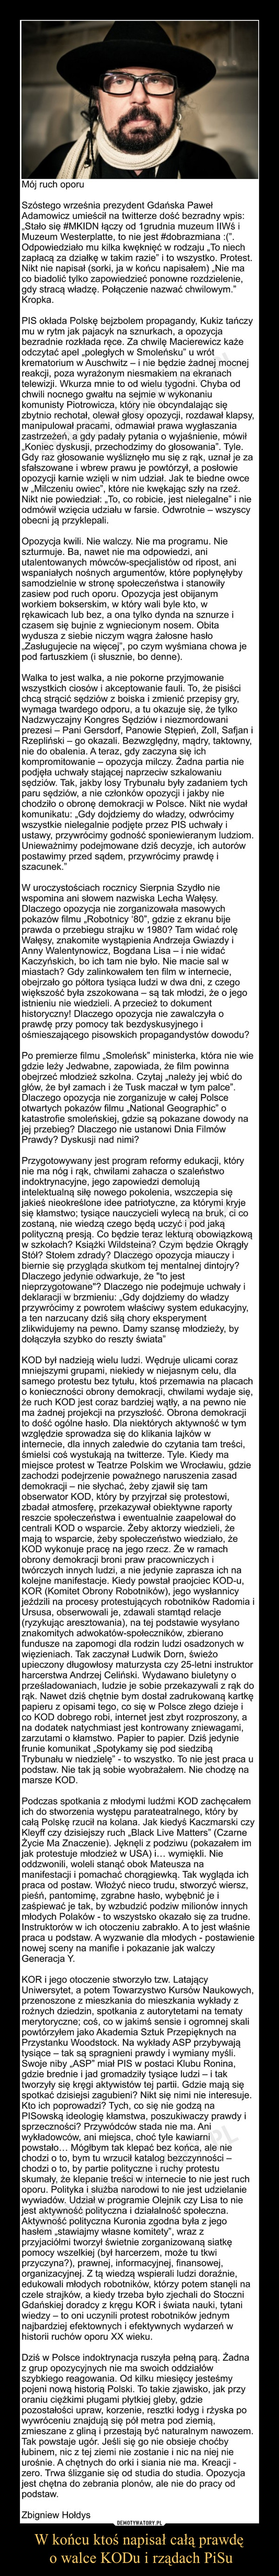 """W końcu ktoś napisał całą prawdę o walce KODu i rządach PiSu –  Mój ruch oporuSzóstego września prezydent Gdańska Paweł Adamowicz umieścił na twitterze dość bezradny wpis: """"Stało się #MKIDN łączy od 1grudnia muzeum IIWś i Muzeum Westerplatte, to nie jest #dobrazmiana :("""". Odpowiedziało mu kilka kwęknięć w rodzaju """"To niech zapłacą za działkę w takim razie"""" i to wszystko. Protest. Nikt nie napisał (sorki, ja w końcu napisałem) """"Nie ma co biadolić tylko zapowiedzieć ponowne rozdzielenie, gdy stracą władzę. Połączenie nazwać chwilowym."""" Kropka.PIS okłada Polskę bejzbolem propagandy, Kukiz tańczy mu w rytm jak pajacyk na sznurkach, a opozycja bezradnie rozkłada ręce. Za chwilę Macierewicz każe odczytać apel """"poległych w Smoleńsku"""" u wrót krematorium w Auschwitz – i nie będzie żadnej mocnej reakcji, poza wyrażonym niesmakiem na ekranach telewizji. Wkurza mnie to od wielu tygodni. Chyba od chwili nocnego gwałtu na sejmie w wykonaniu komunisty Piotrowicza, który nie obcyndalając się zbytnio rechotał, olewał głosy opozycji, rozdawał klapsy, manipulował pracami, odmawiał prawa wygłaszania zastrzeżeń, a gdy padały pytania o wyjaśnienie, mówił """"Koniec dyskusji, przechodzimy do głosowania"""". Tyle. Gdy raz głosowanie wyśliznęło mu się z rąk, uznał je za sfałszowane i wbrew prawu je powtórzył, a posłowie opozycji karnie wzięli w nim udział. Jak te biedne owce w """"Milczeniu owiec"""", które nie kwękając szły na rzeź. Nikt nie powiedział: """"To, co robicie, jest nielegalne"""" i nie odmówił wzięcia udziału w farsie. Odwrotnie – wszyscy obecni ją przyklepali.Opozycja kwili. Nie walczy. Nie ma programu. Nie szturmuje. Ba, nawet nie ma odpowiedzi, ani utalentowanych mówców-specjalistów od ripost, ani wspaniałych nośnych argumentów, które popłynęłyby samodzielnie w stronę społeczeństwa i stanowiły zasiew pod ruch oporu. Opozycja jest obijanym workiem bokserskim, w który wali byle kto, w rękawicach lub bez, a ona tylko dynda na sznurze i czasem się bujnie z wgniecionym nosem. Obita wydusza z sieb"""